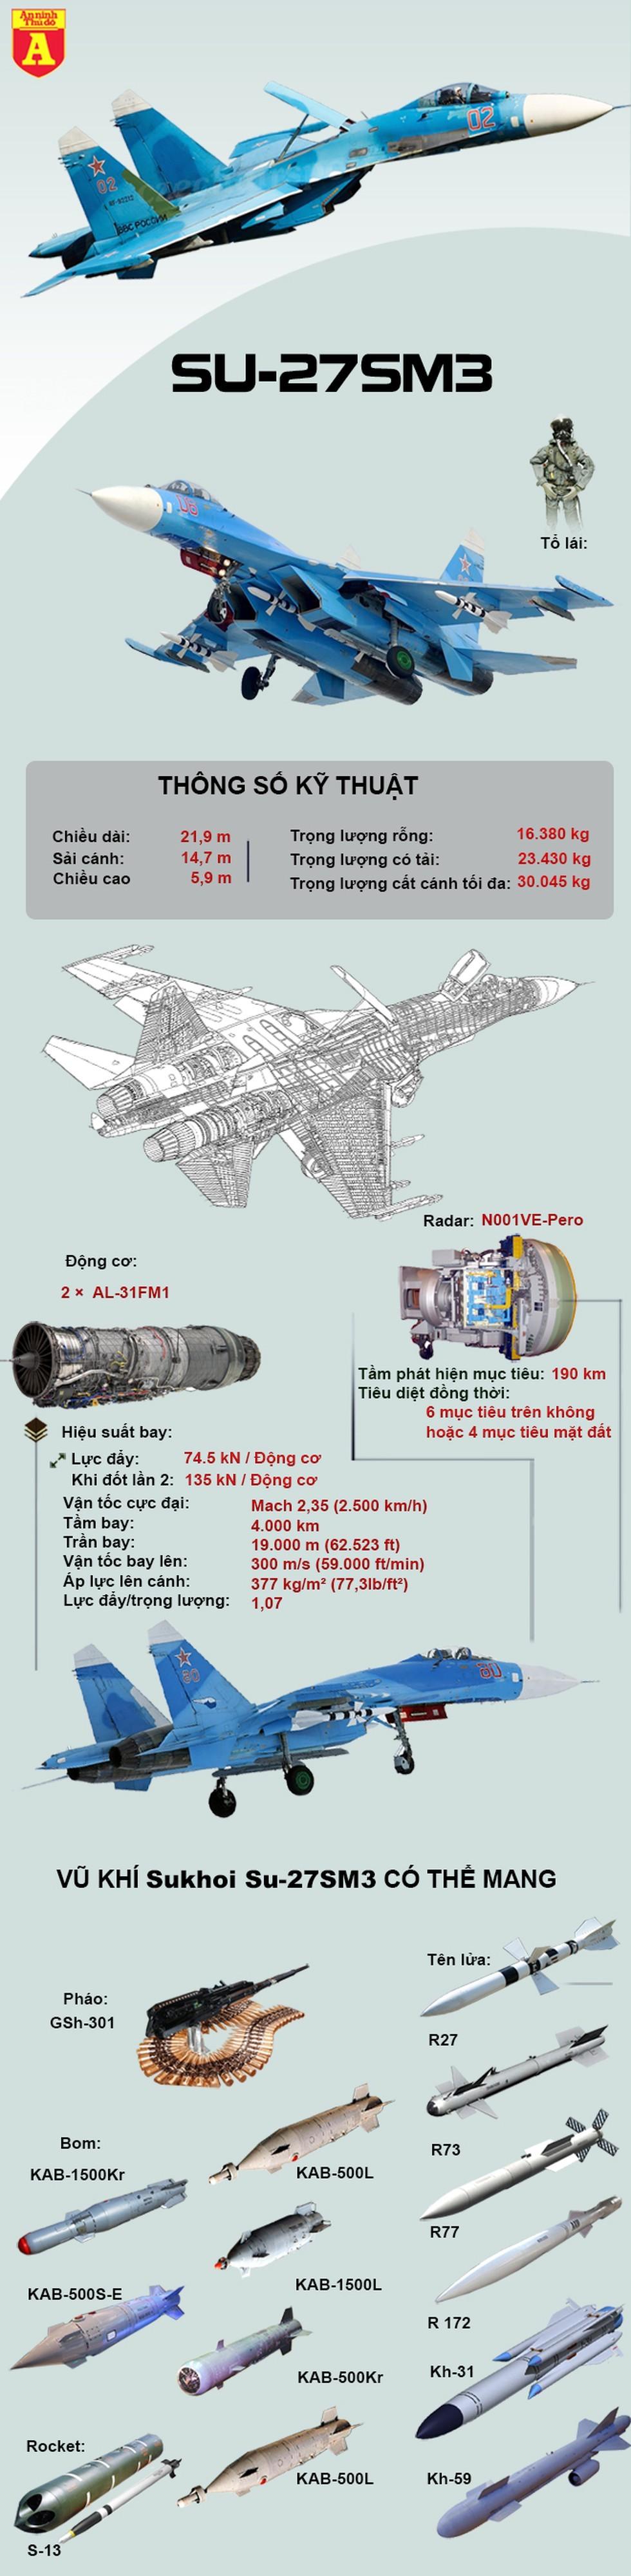 [Info] Nga điều chiến đấu cơ Su-27SM3 đánh chặn F-16 Thổ Nhĩ Kỳ tại Syria? ảnh 2